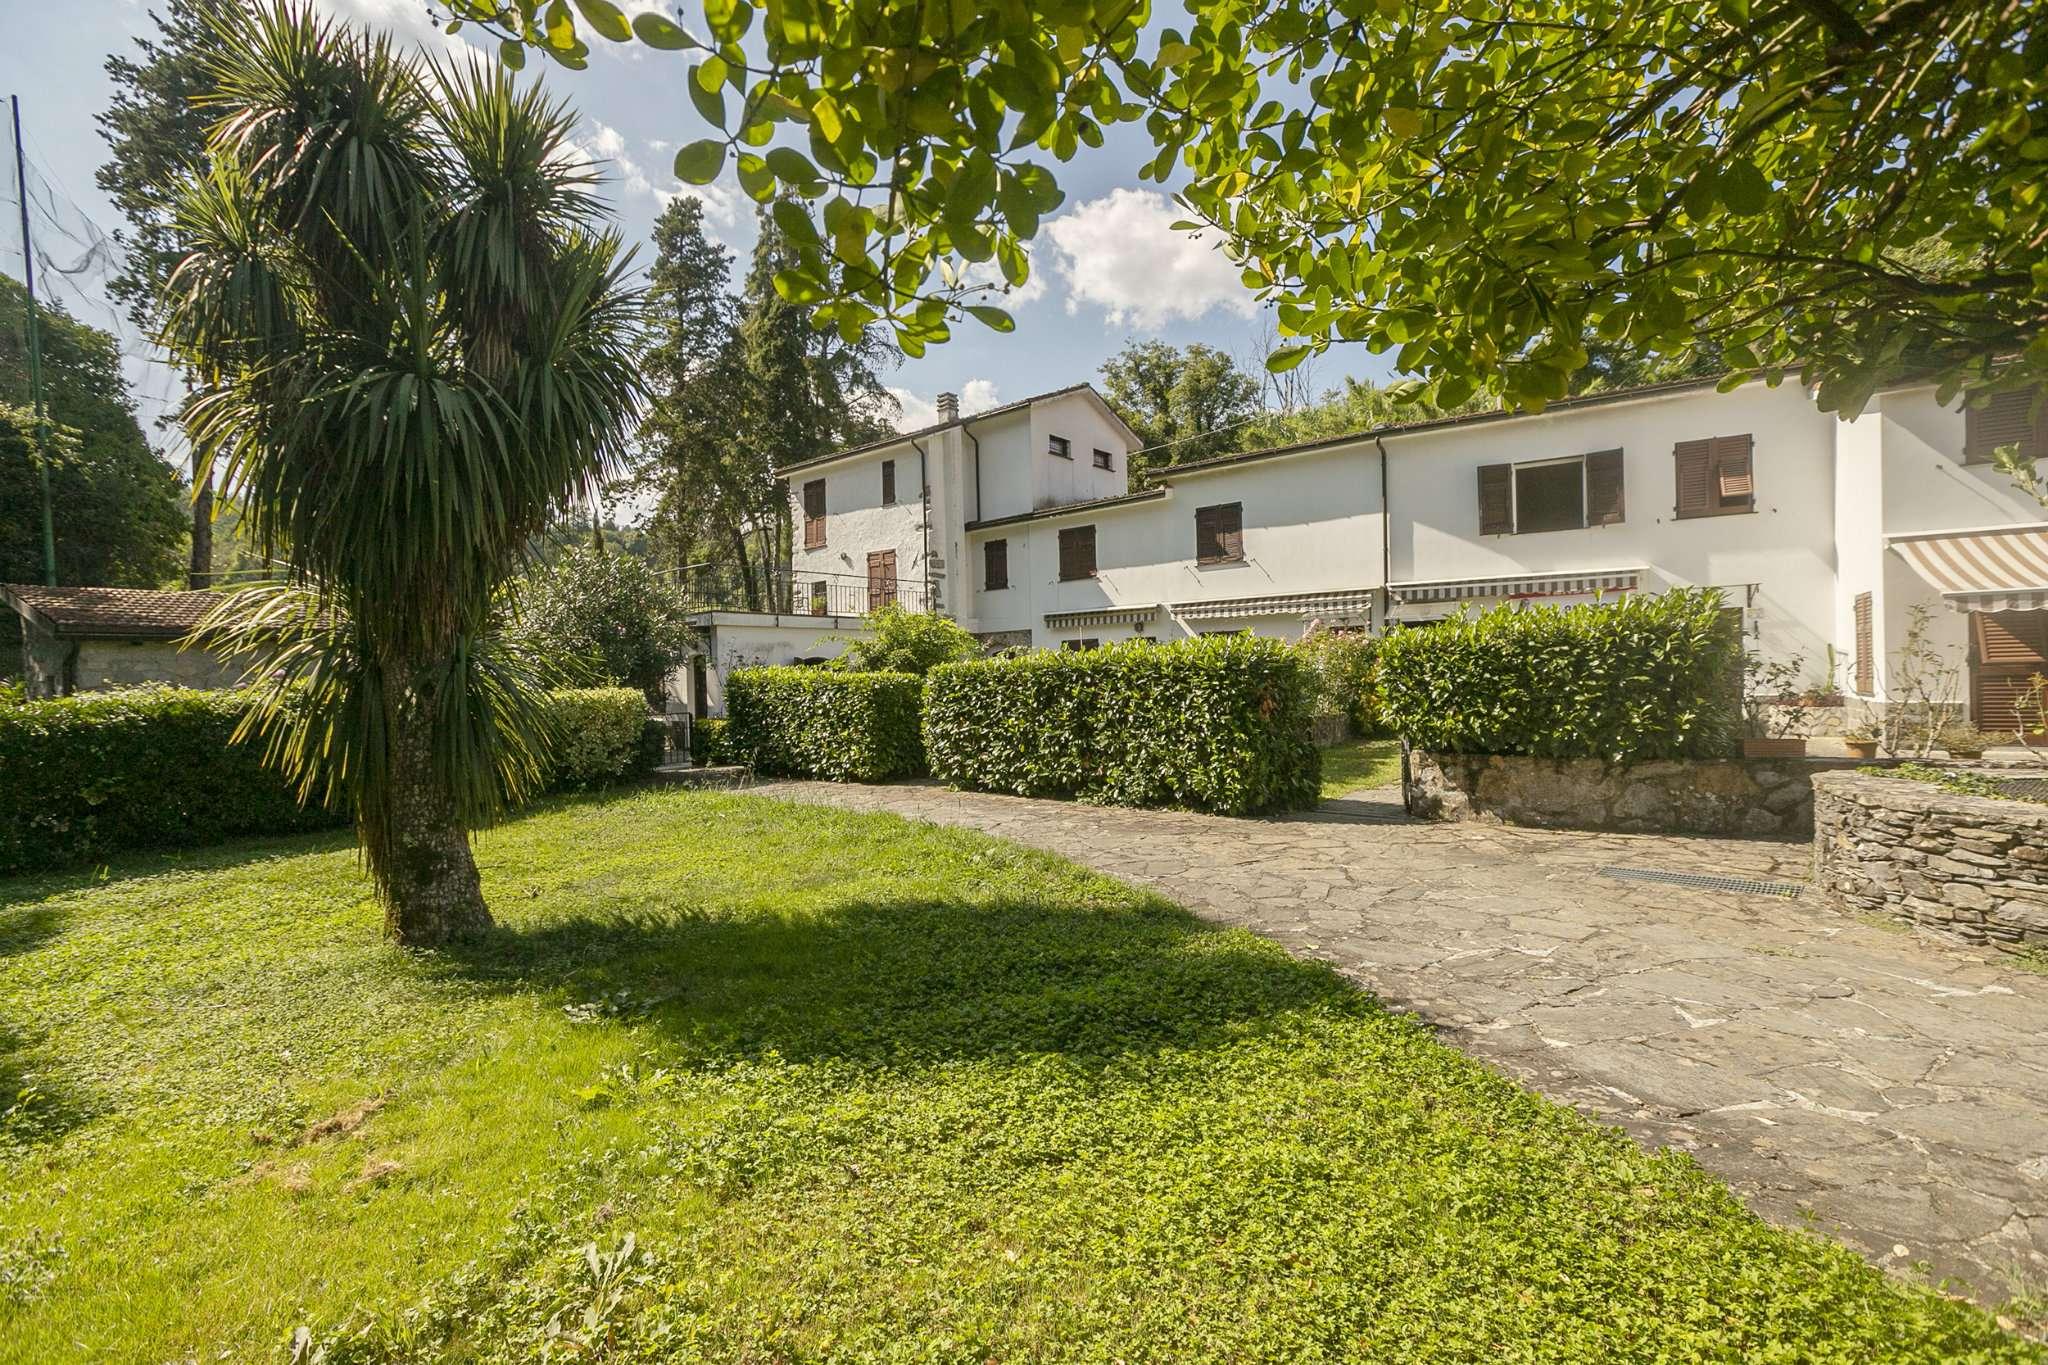 Foto 1 di Villetta a schiera via San Massimo B, frazione San Massimo, Rapallo